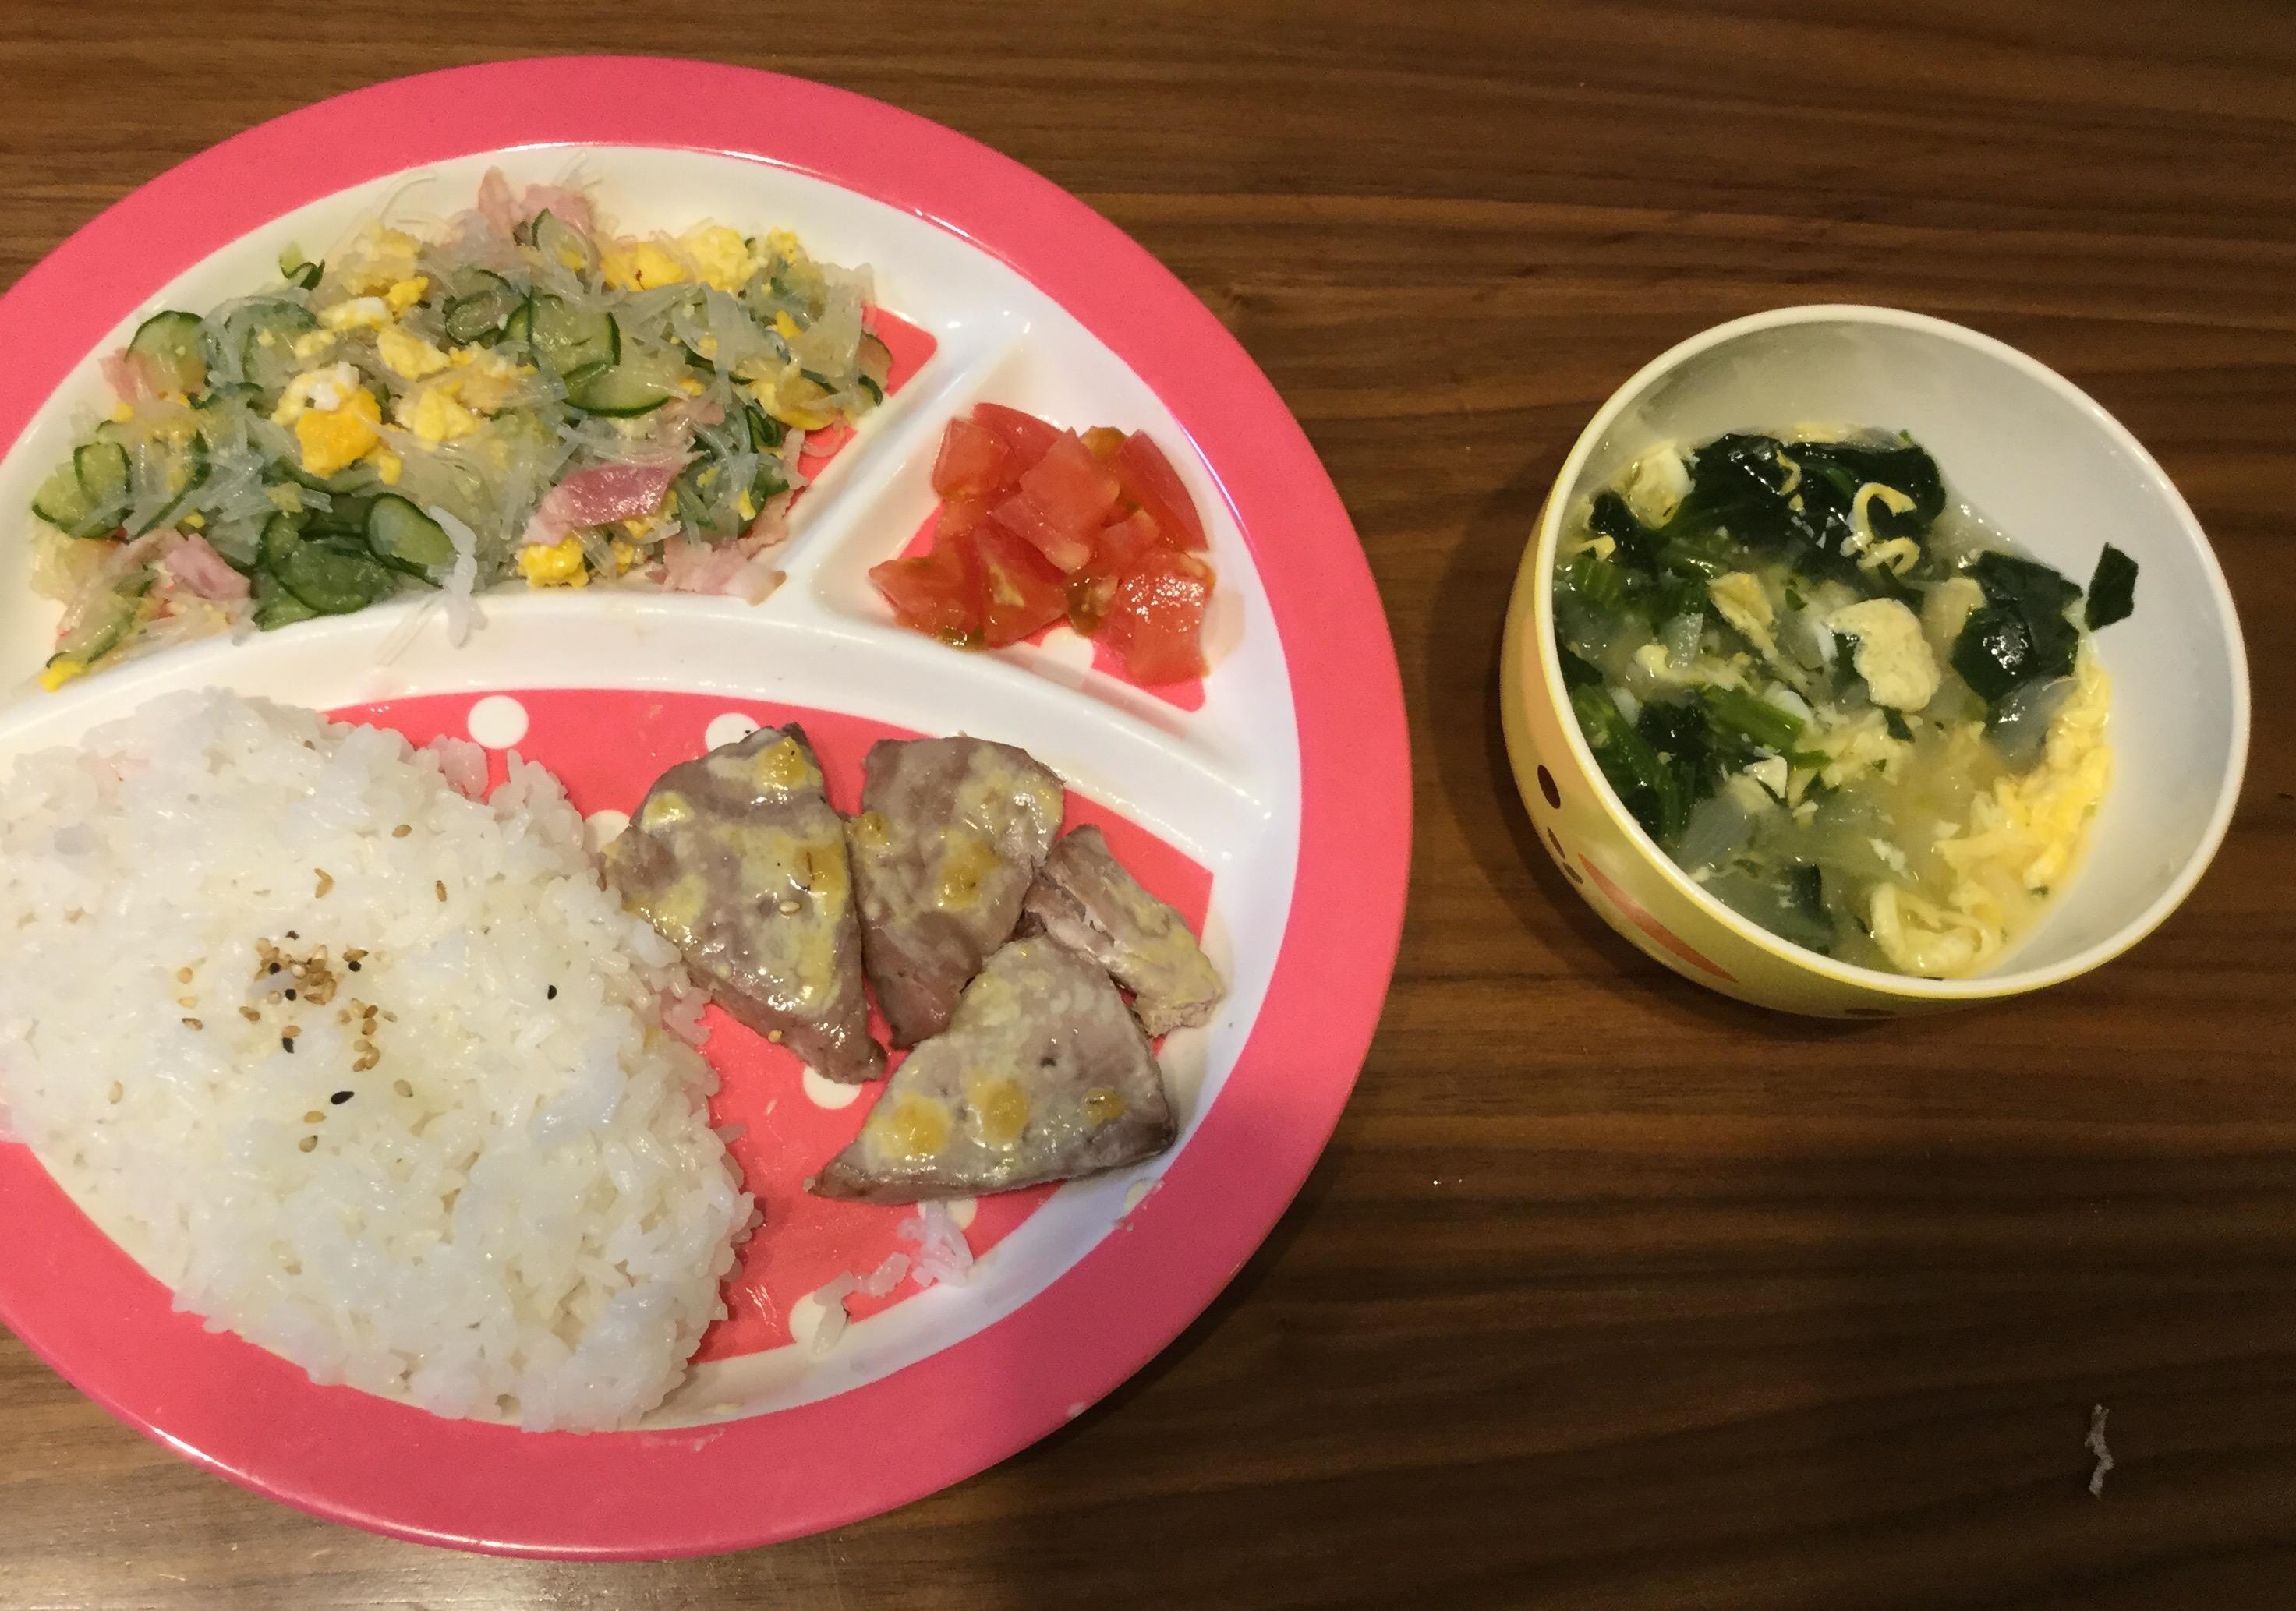 離乳食 完了 期 レシピ みんなの推薦 1才〜1才6カ月ごろ(完了期)